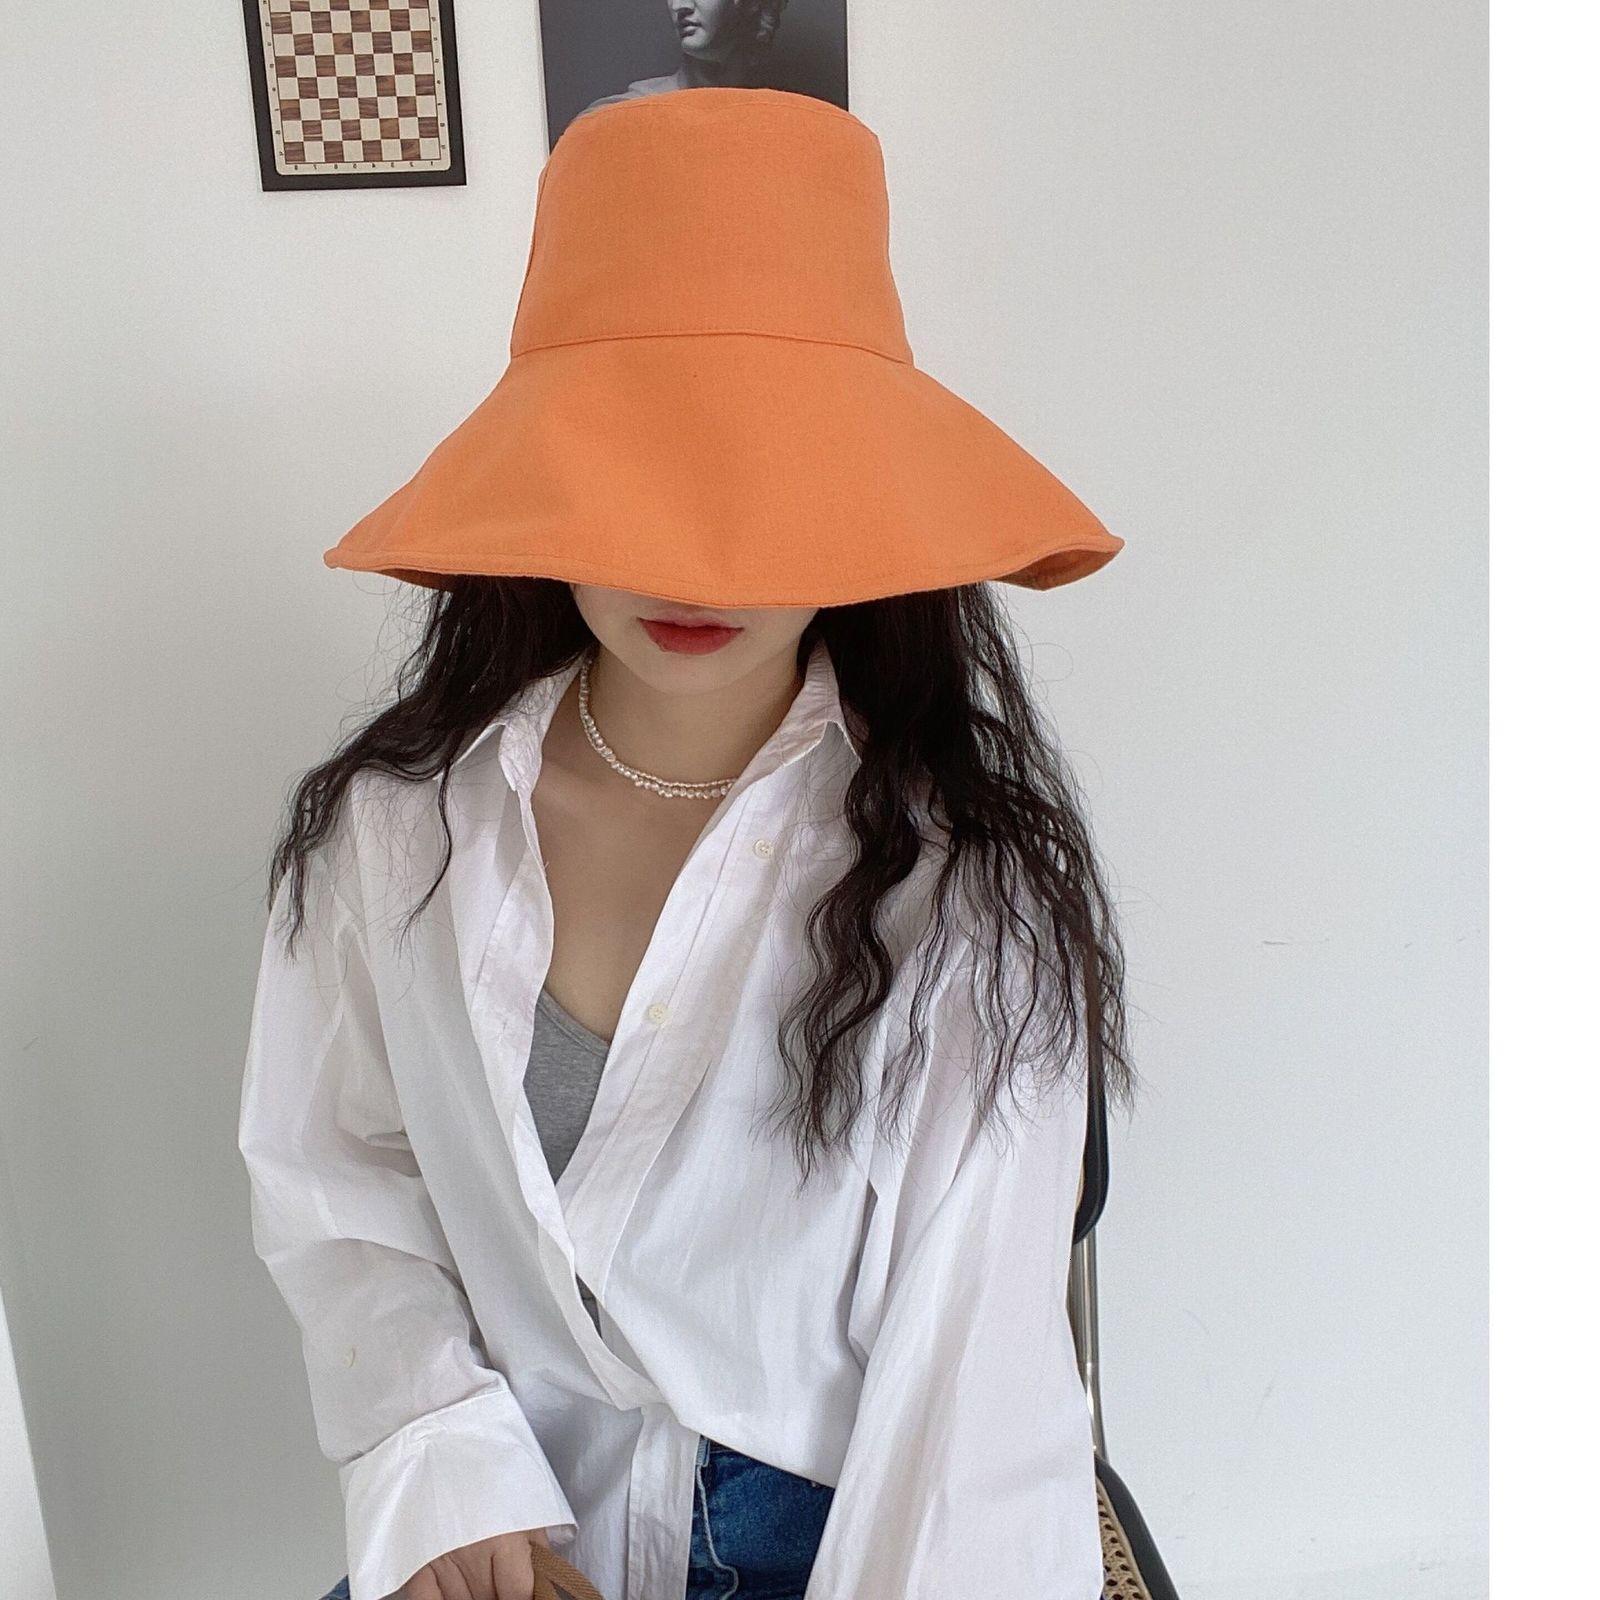 Güney Kore Doğu Kapısı Şapka Çocuk Yaz Sanatı Balıkçının Şapka Klwe